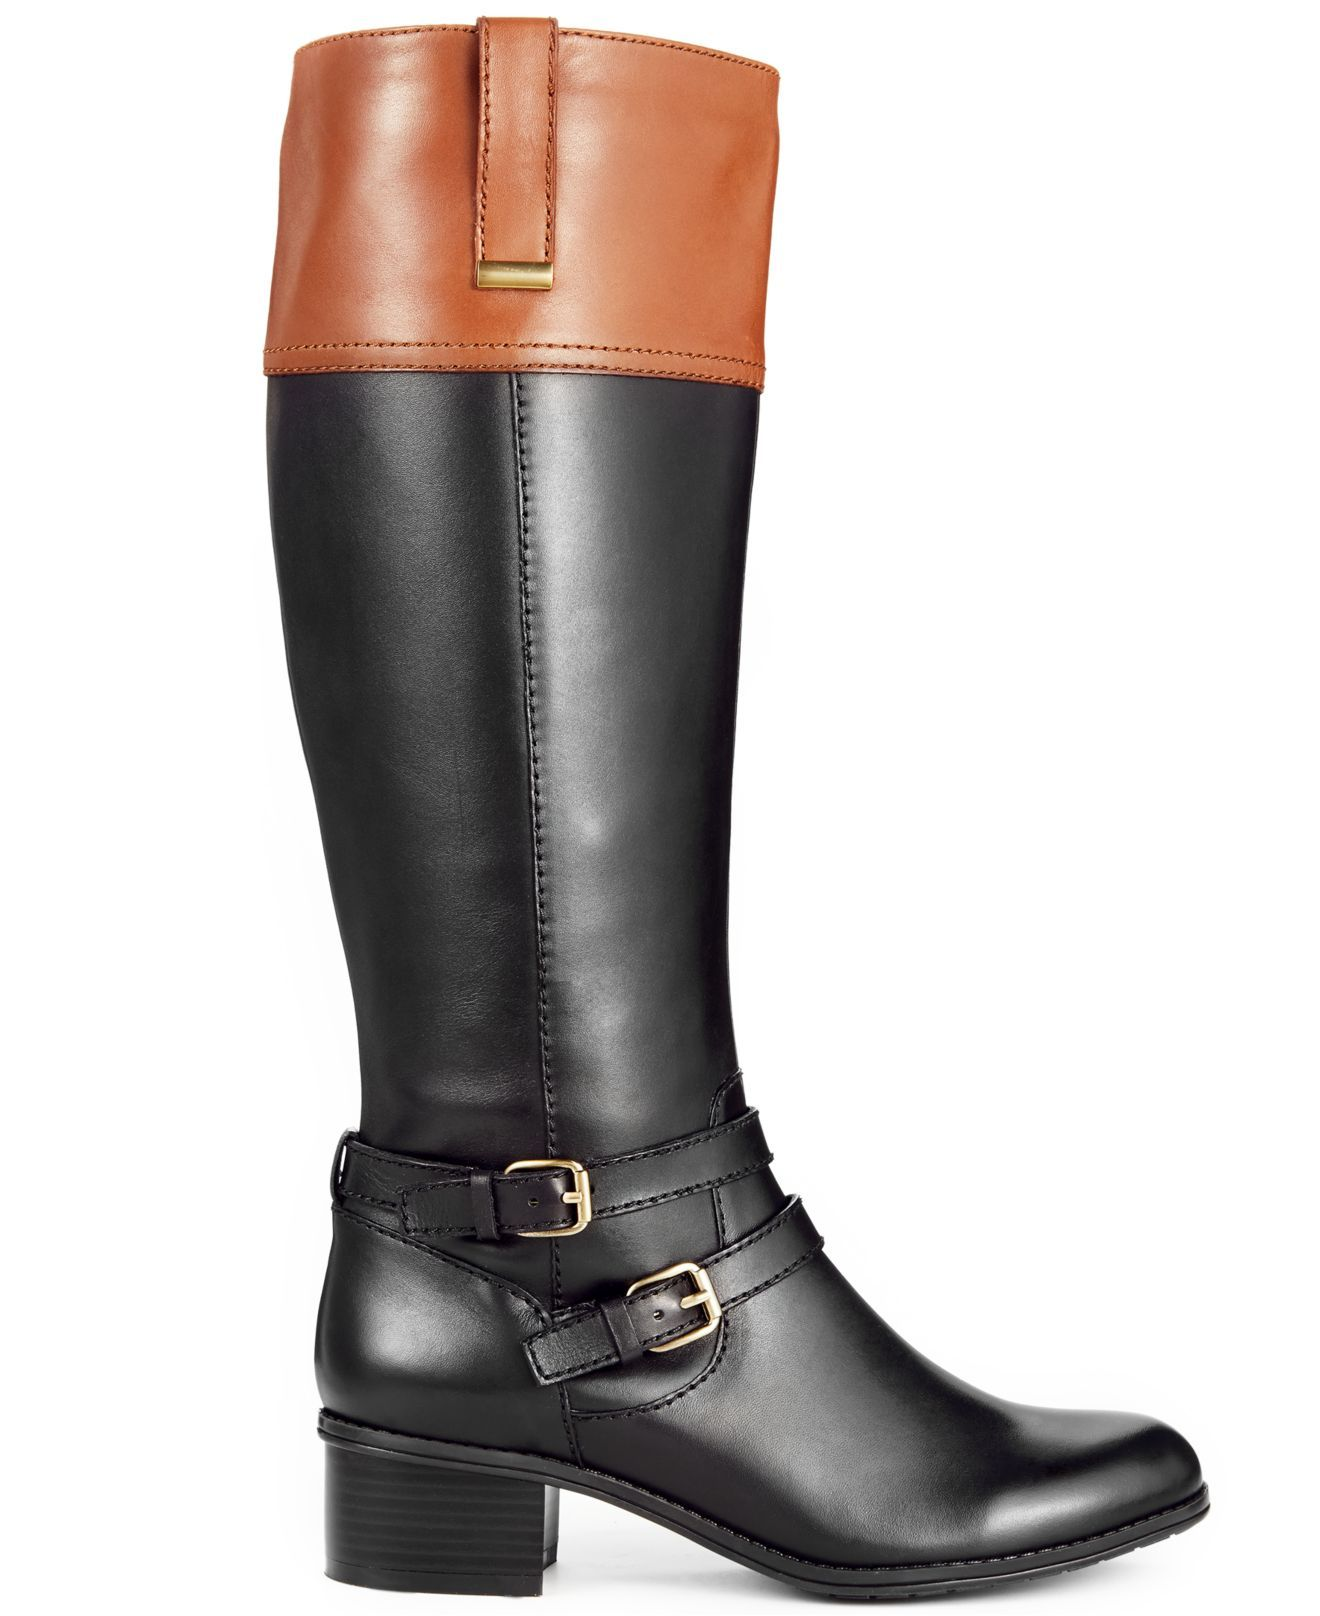 bandolino-black-carlotta-wide-calf-riding-boots-a-